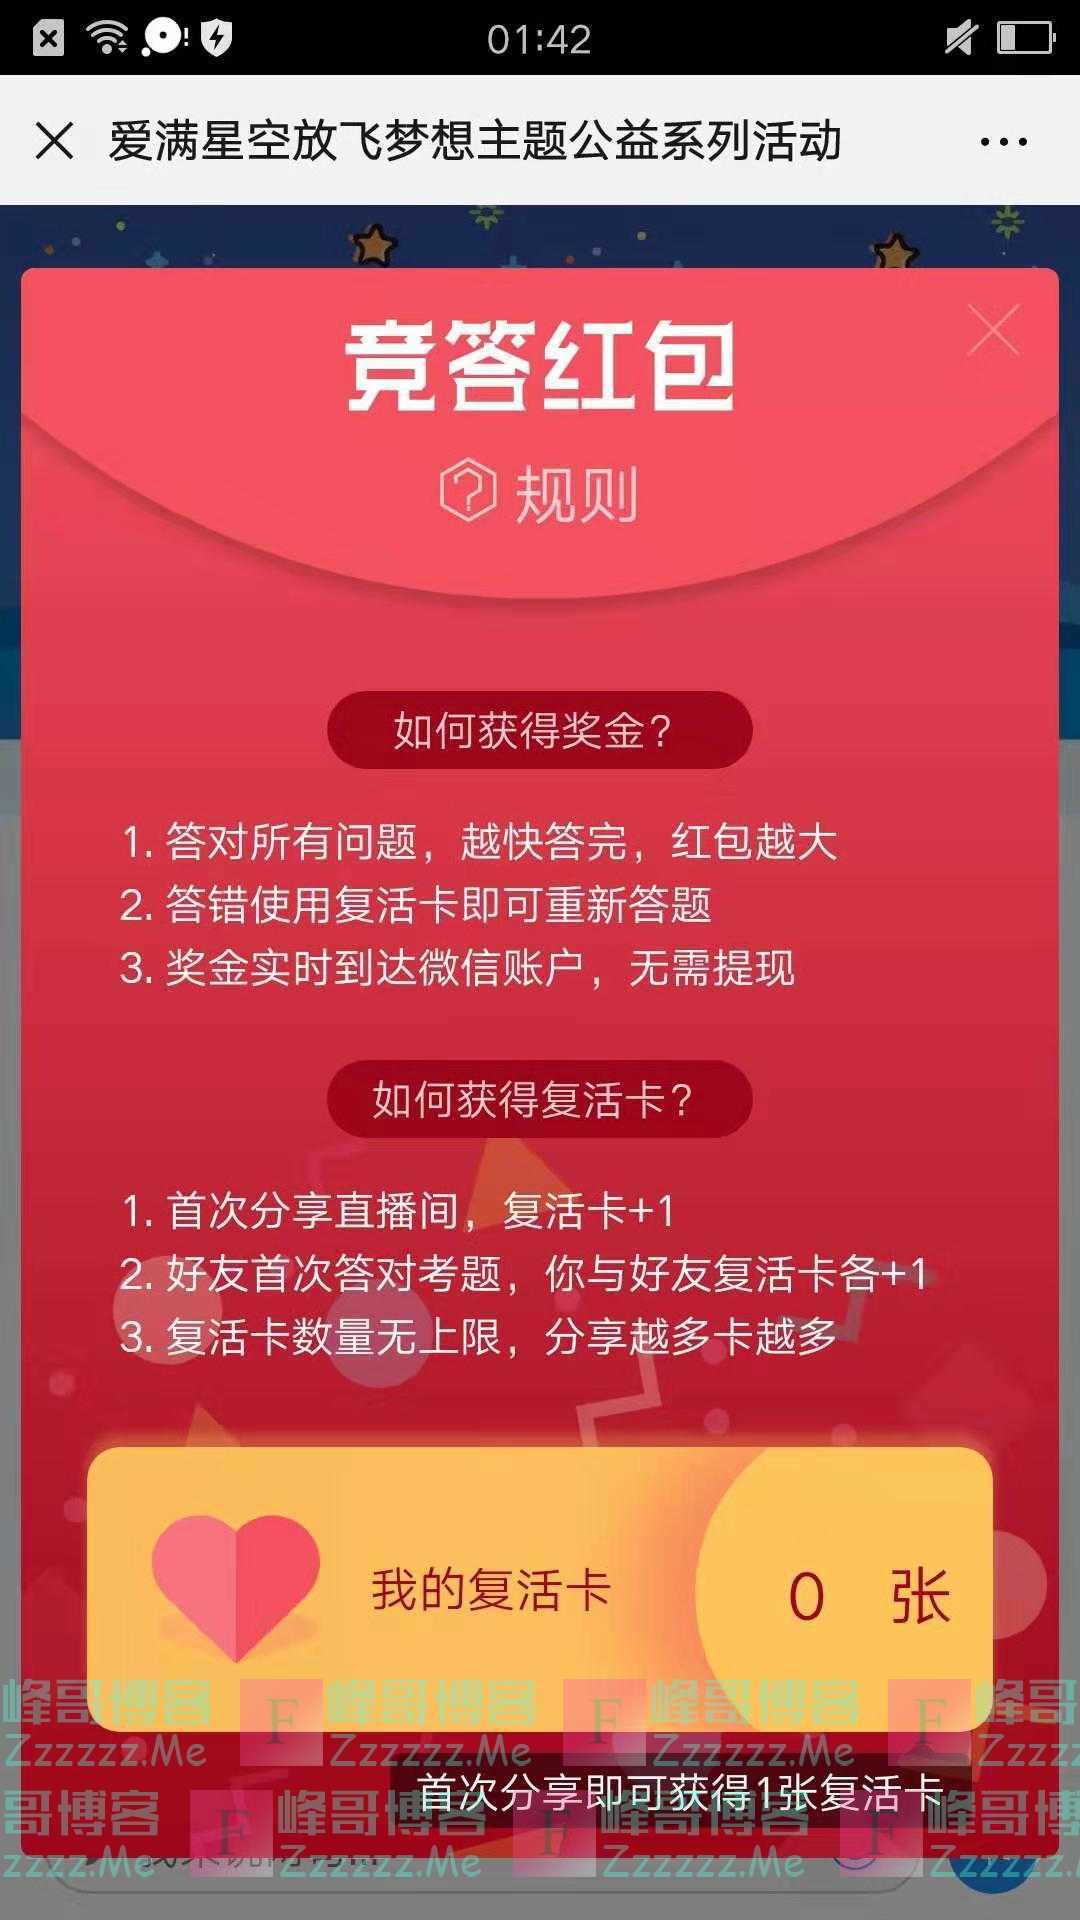 索尼探梦科技馆参与知识问答,赢取竞答红包(截止12月22日)